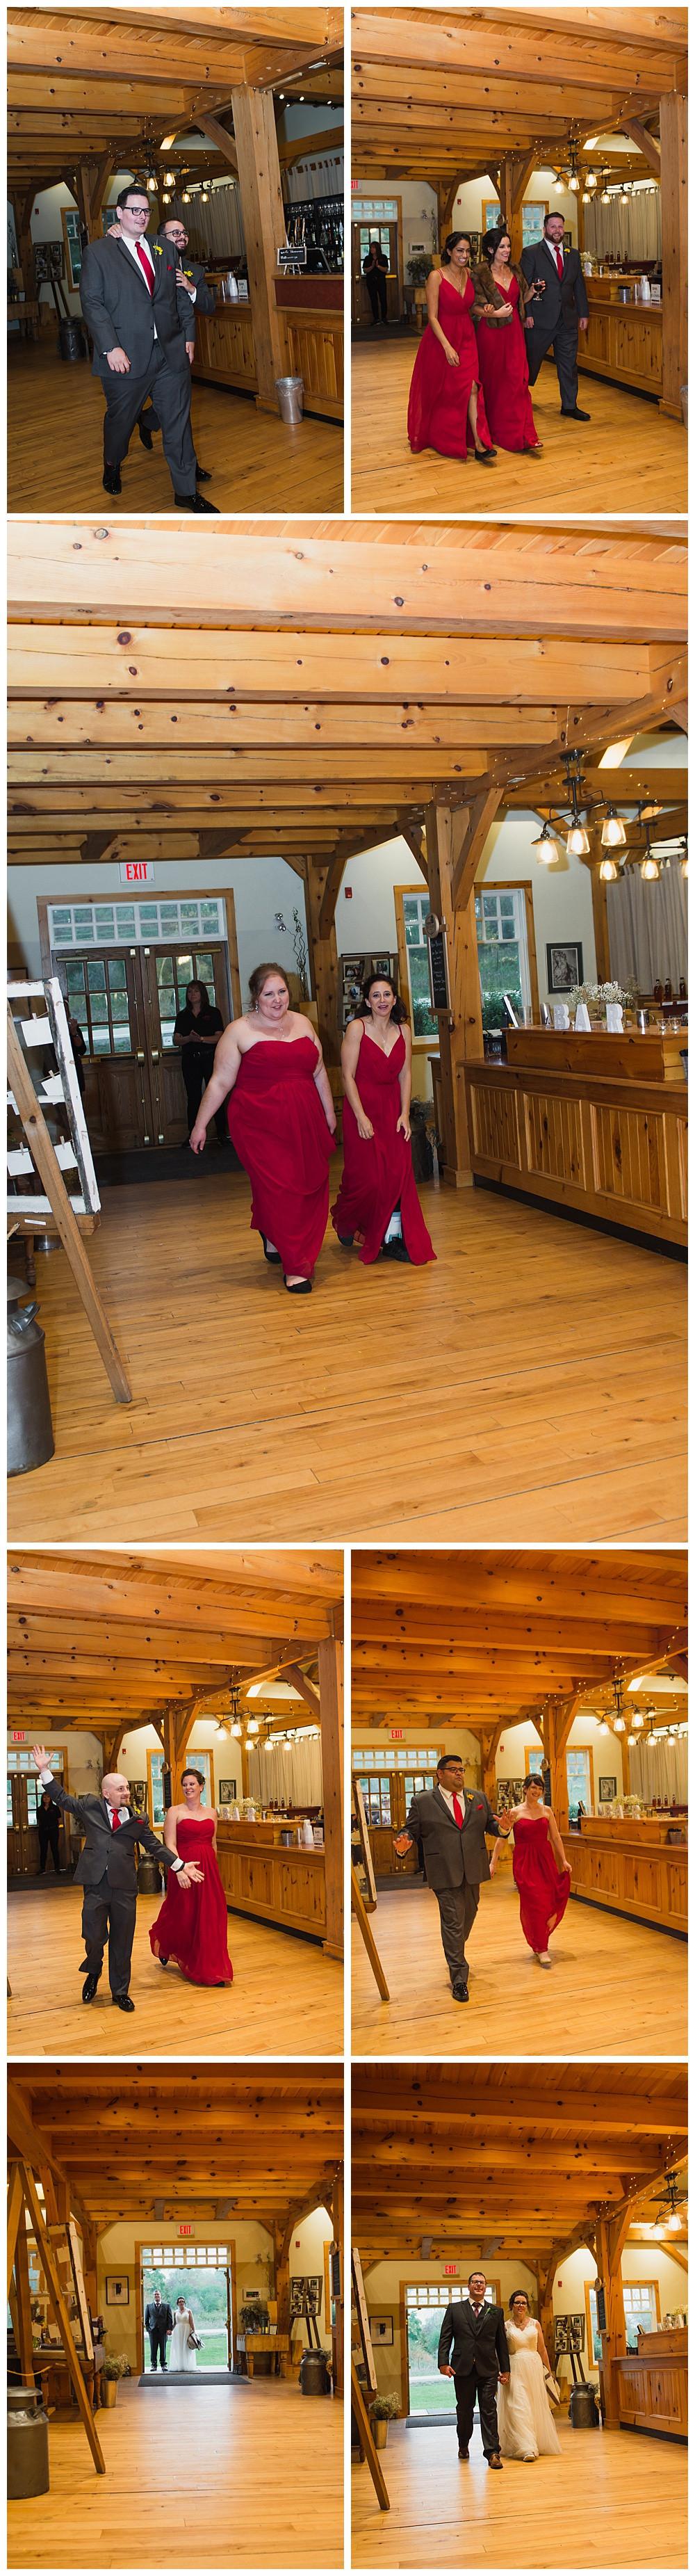 Intro of Wedding Party, Temples Sugar Bush, Ottawa Wedding Photographer, Ottawa Boudoir Photographer